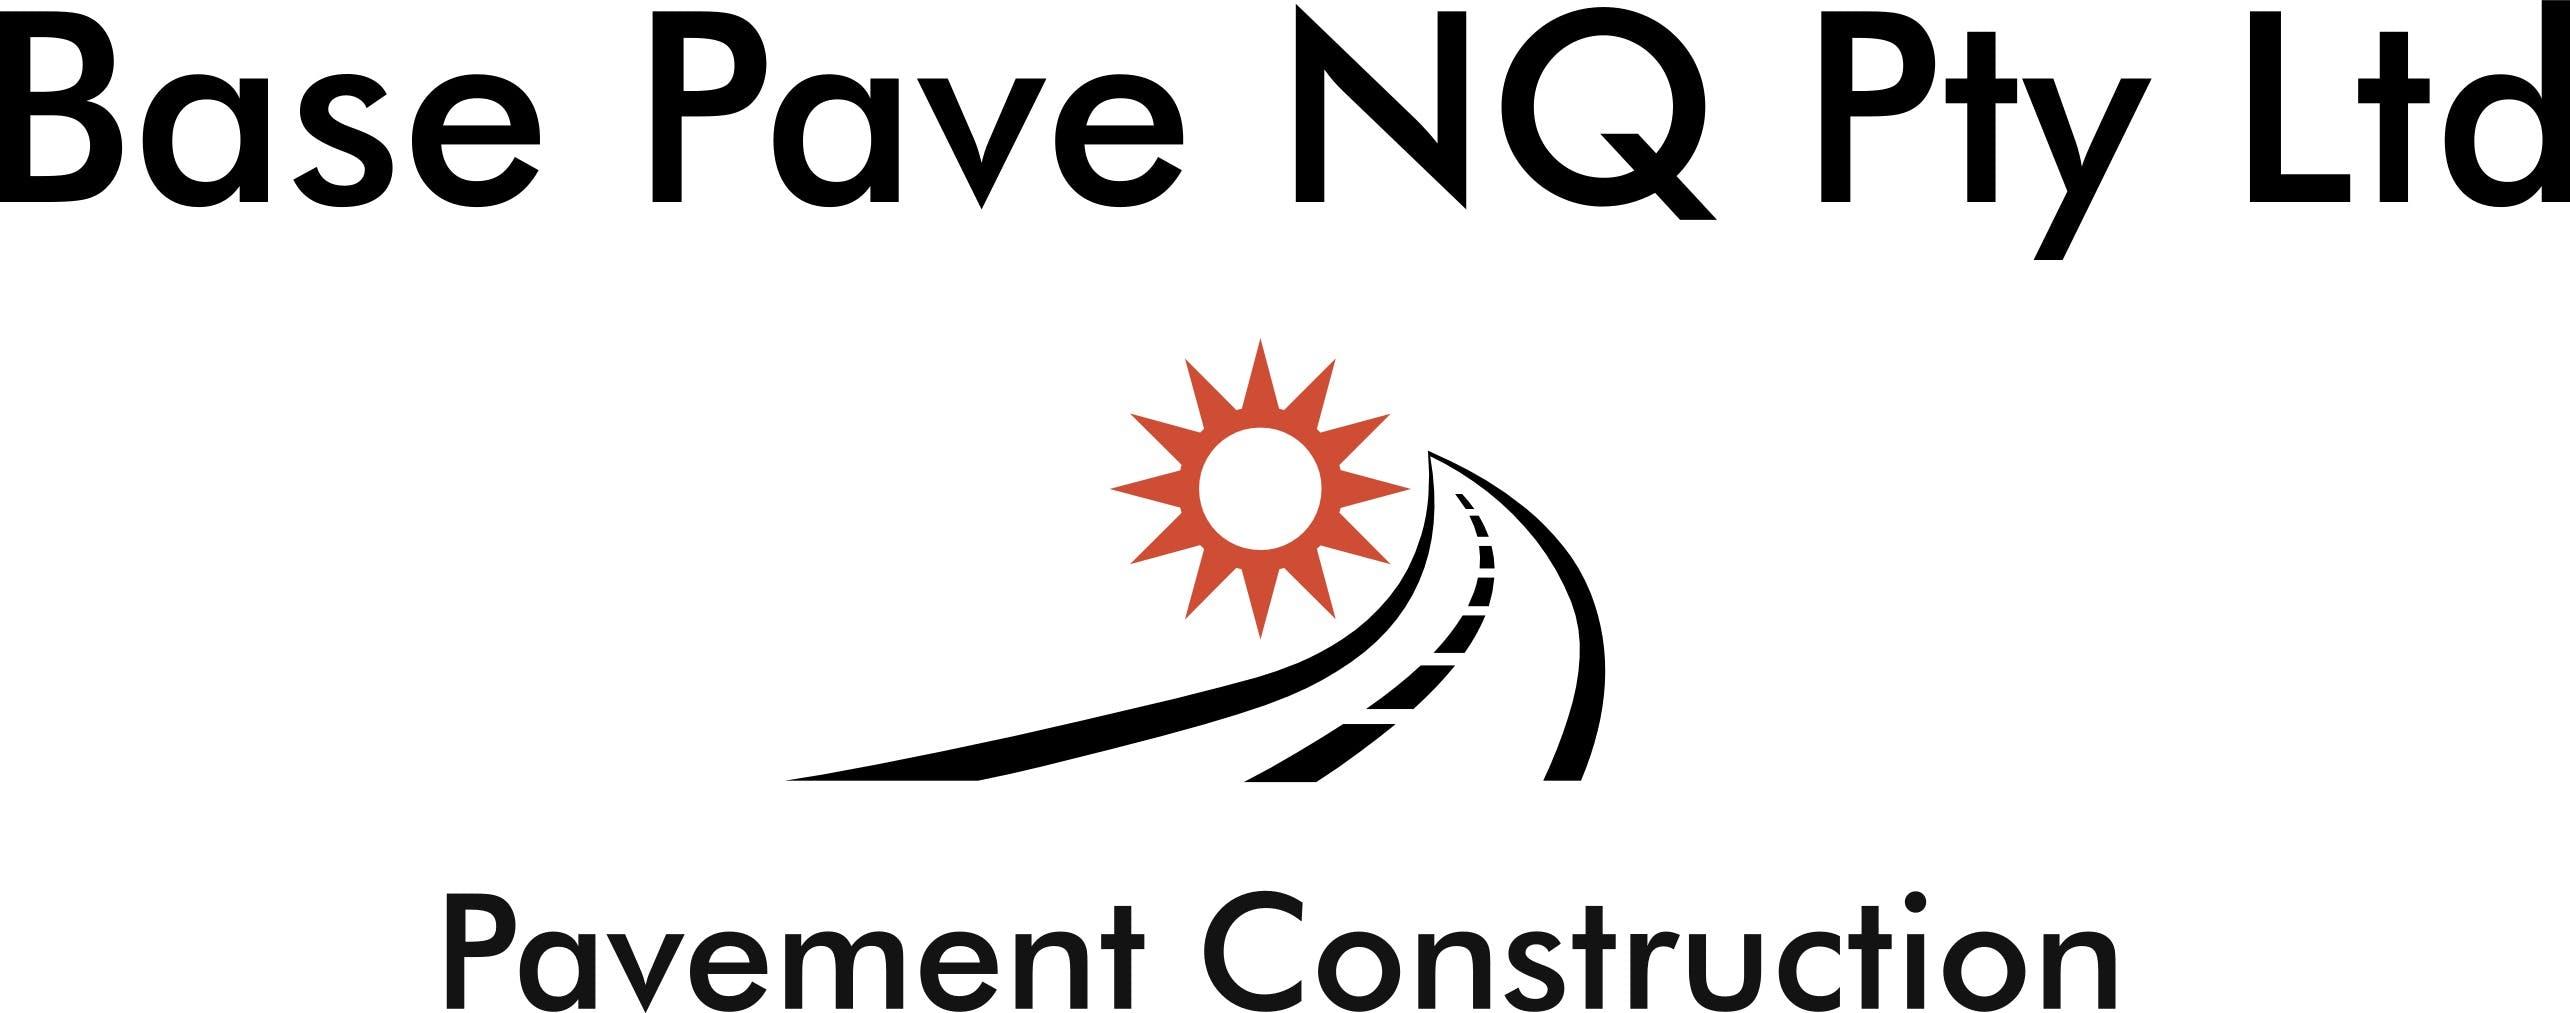 Base Pave NQ Pty Ltd